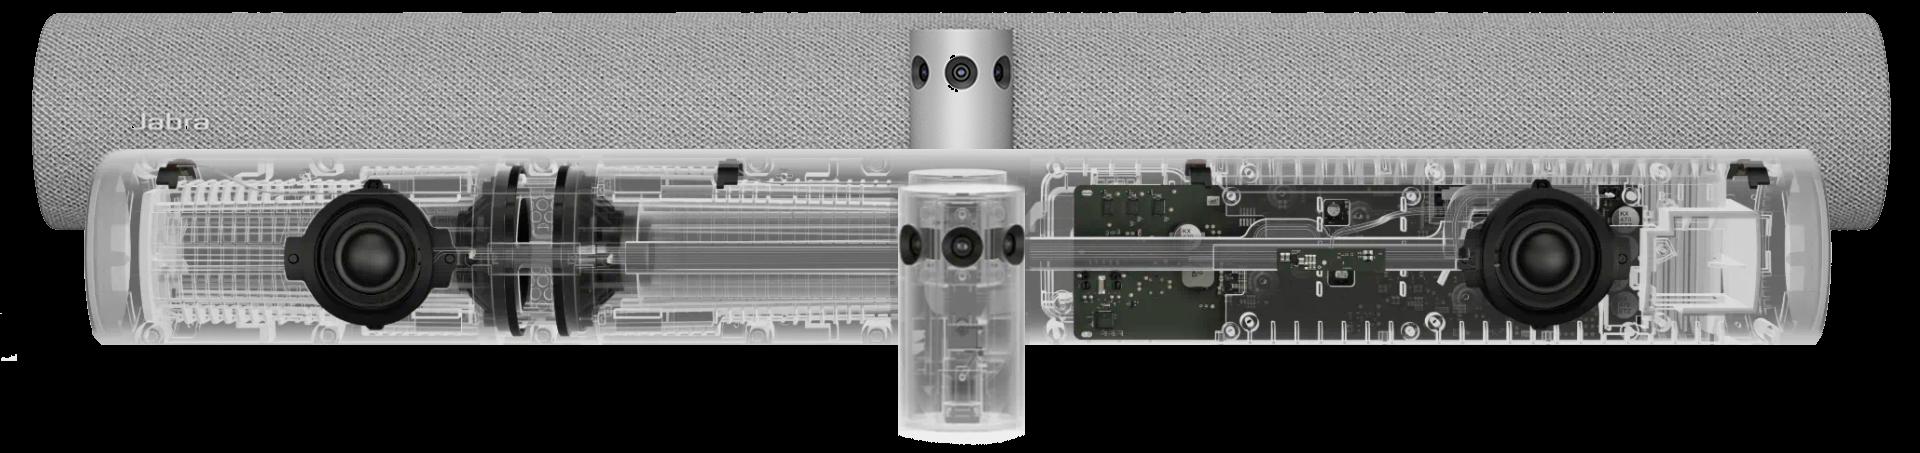 La PanaCast 50 est munie de huit microphones professionnels et de quatre haut-parleurs puissants signés Jabra – deux woofers 50 mm et deux tweeters 20 mm.